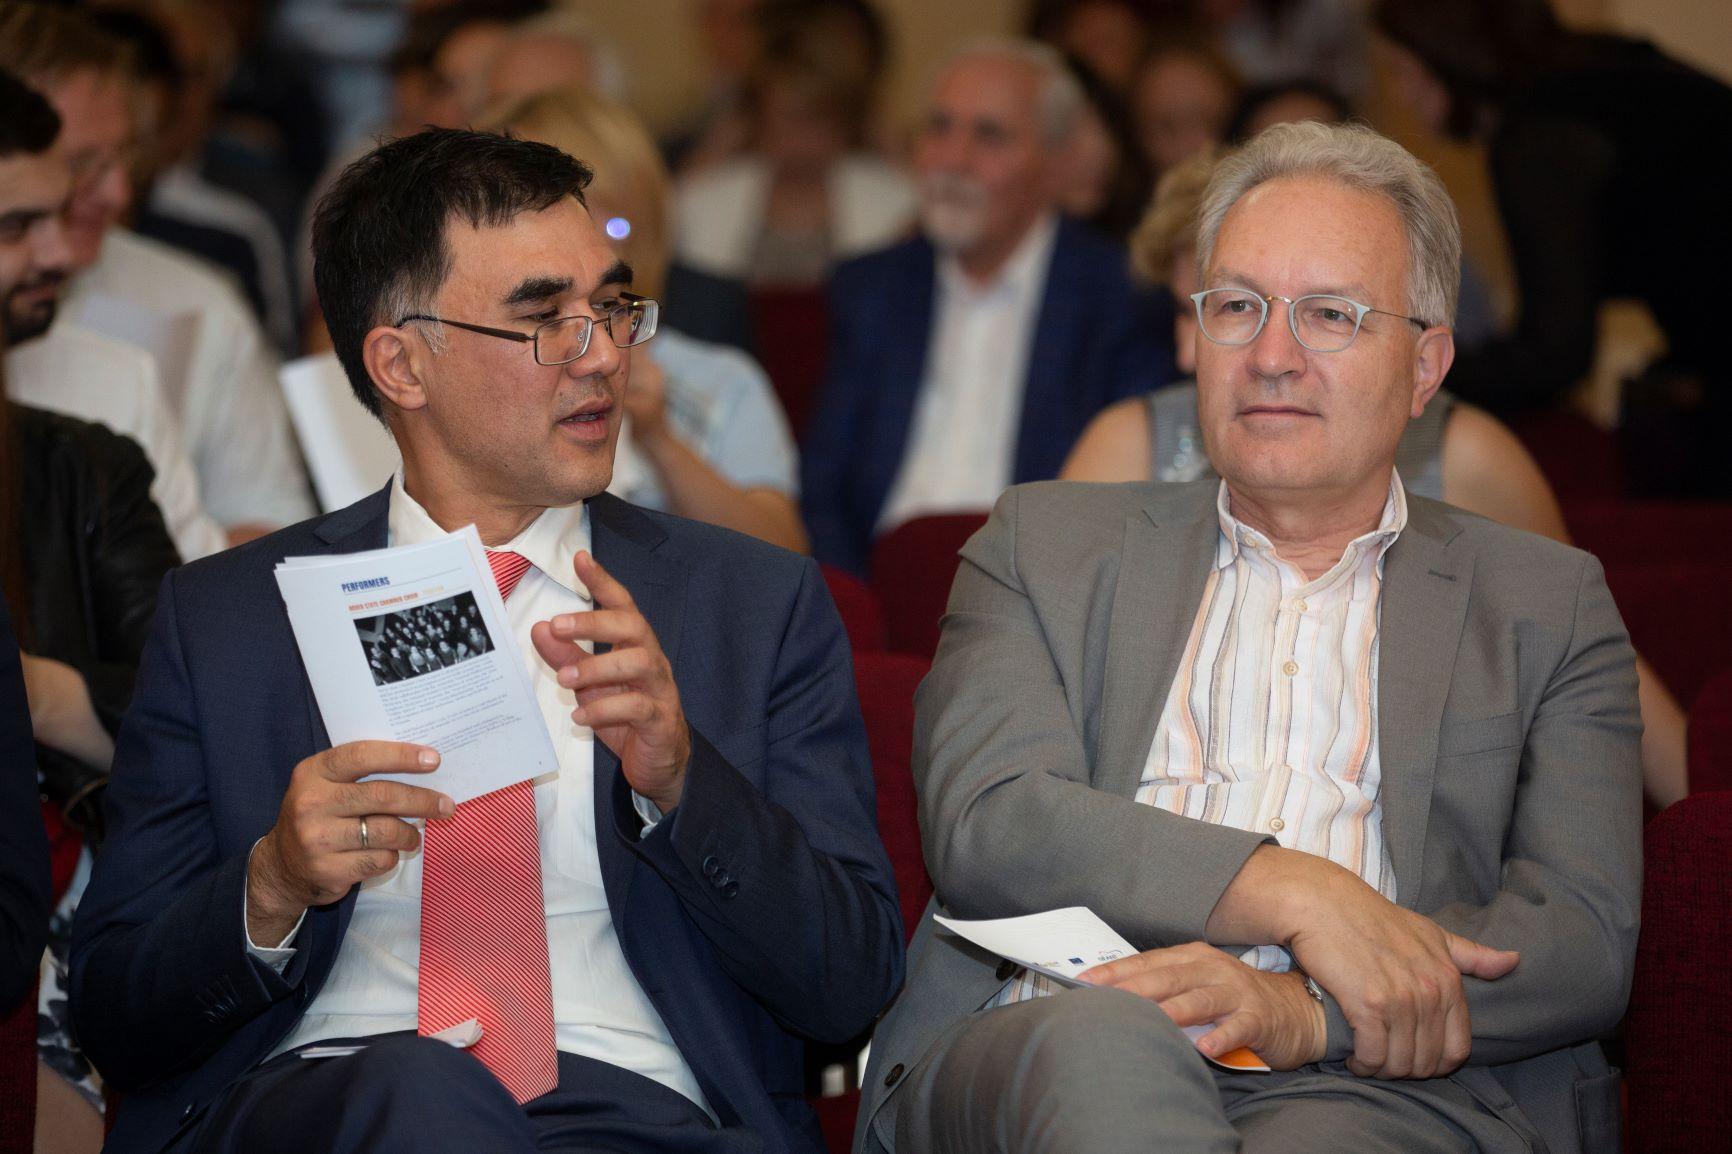 В очікуванні концерту – Хоа-Бін Аджемян, голова сектору в DG NEAR, та Ерік Хейзер, голова GÉANT